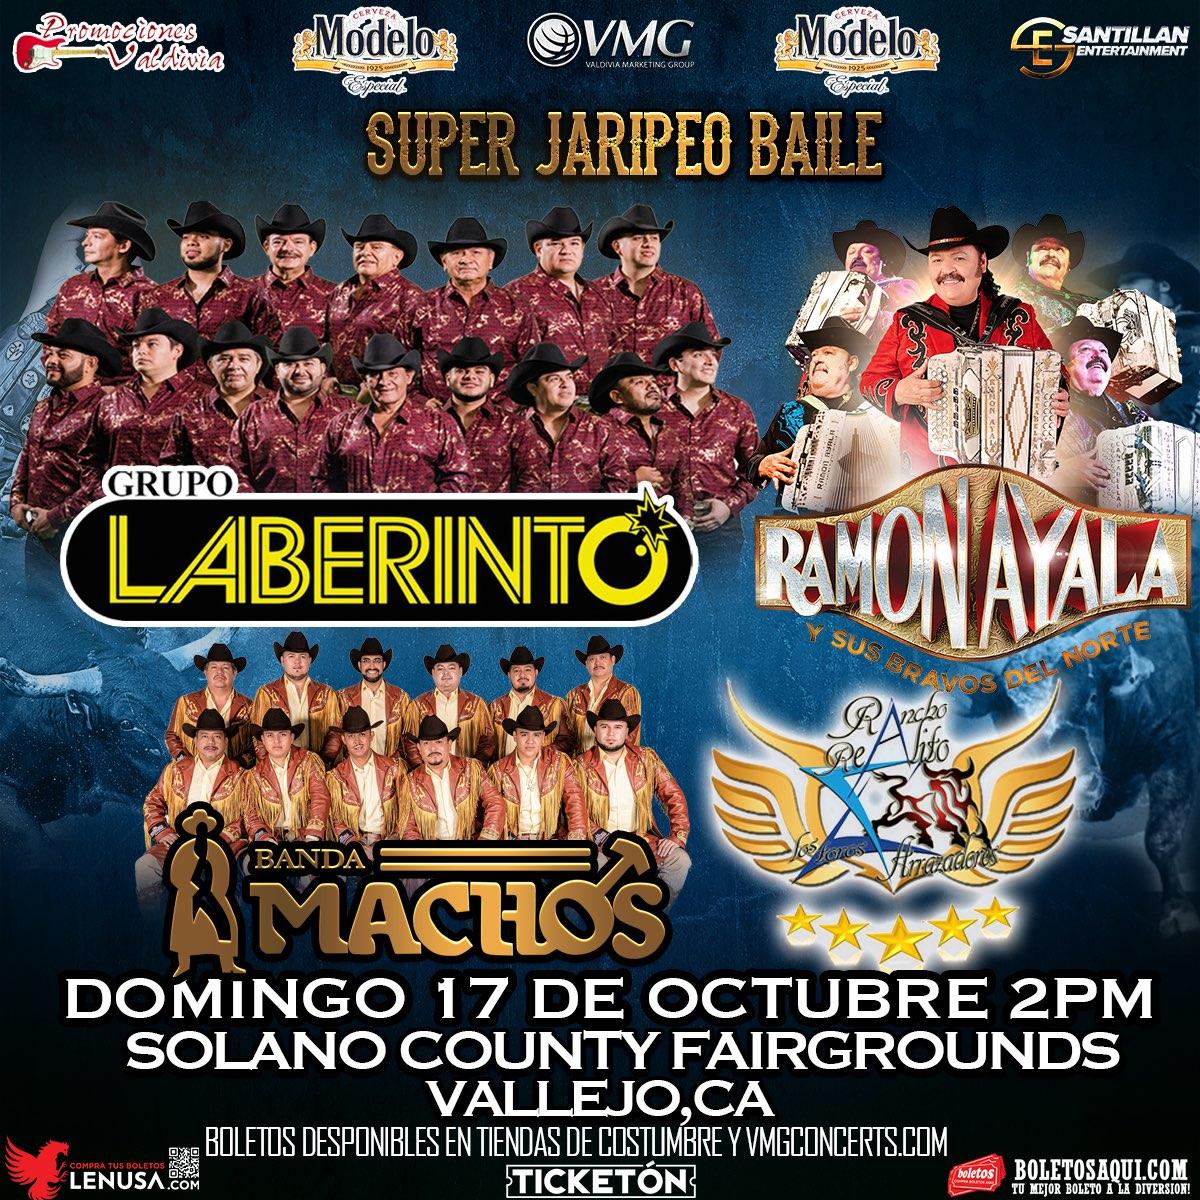 Super Jaripeo Baile con Grupo Laberinto, Ramon Ayala y Banda Machos. – Terrenos de la Feria de Solano – Vallejo, CA